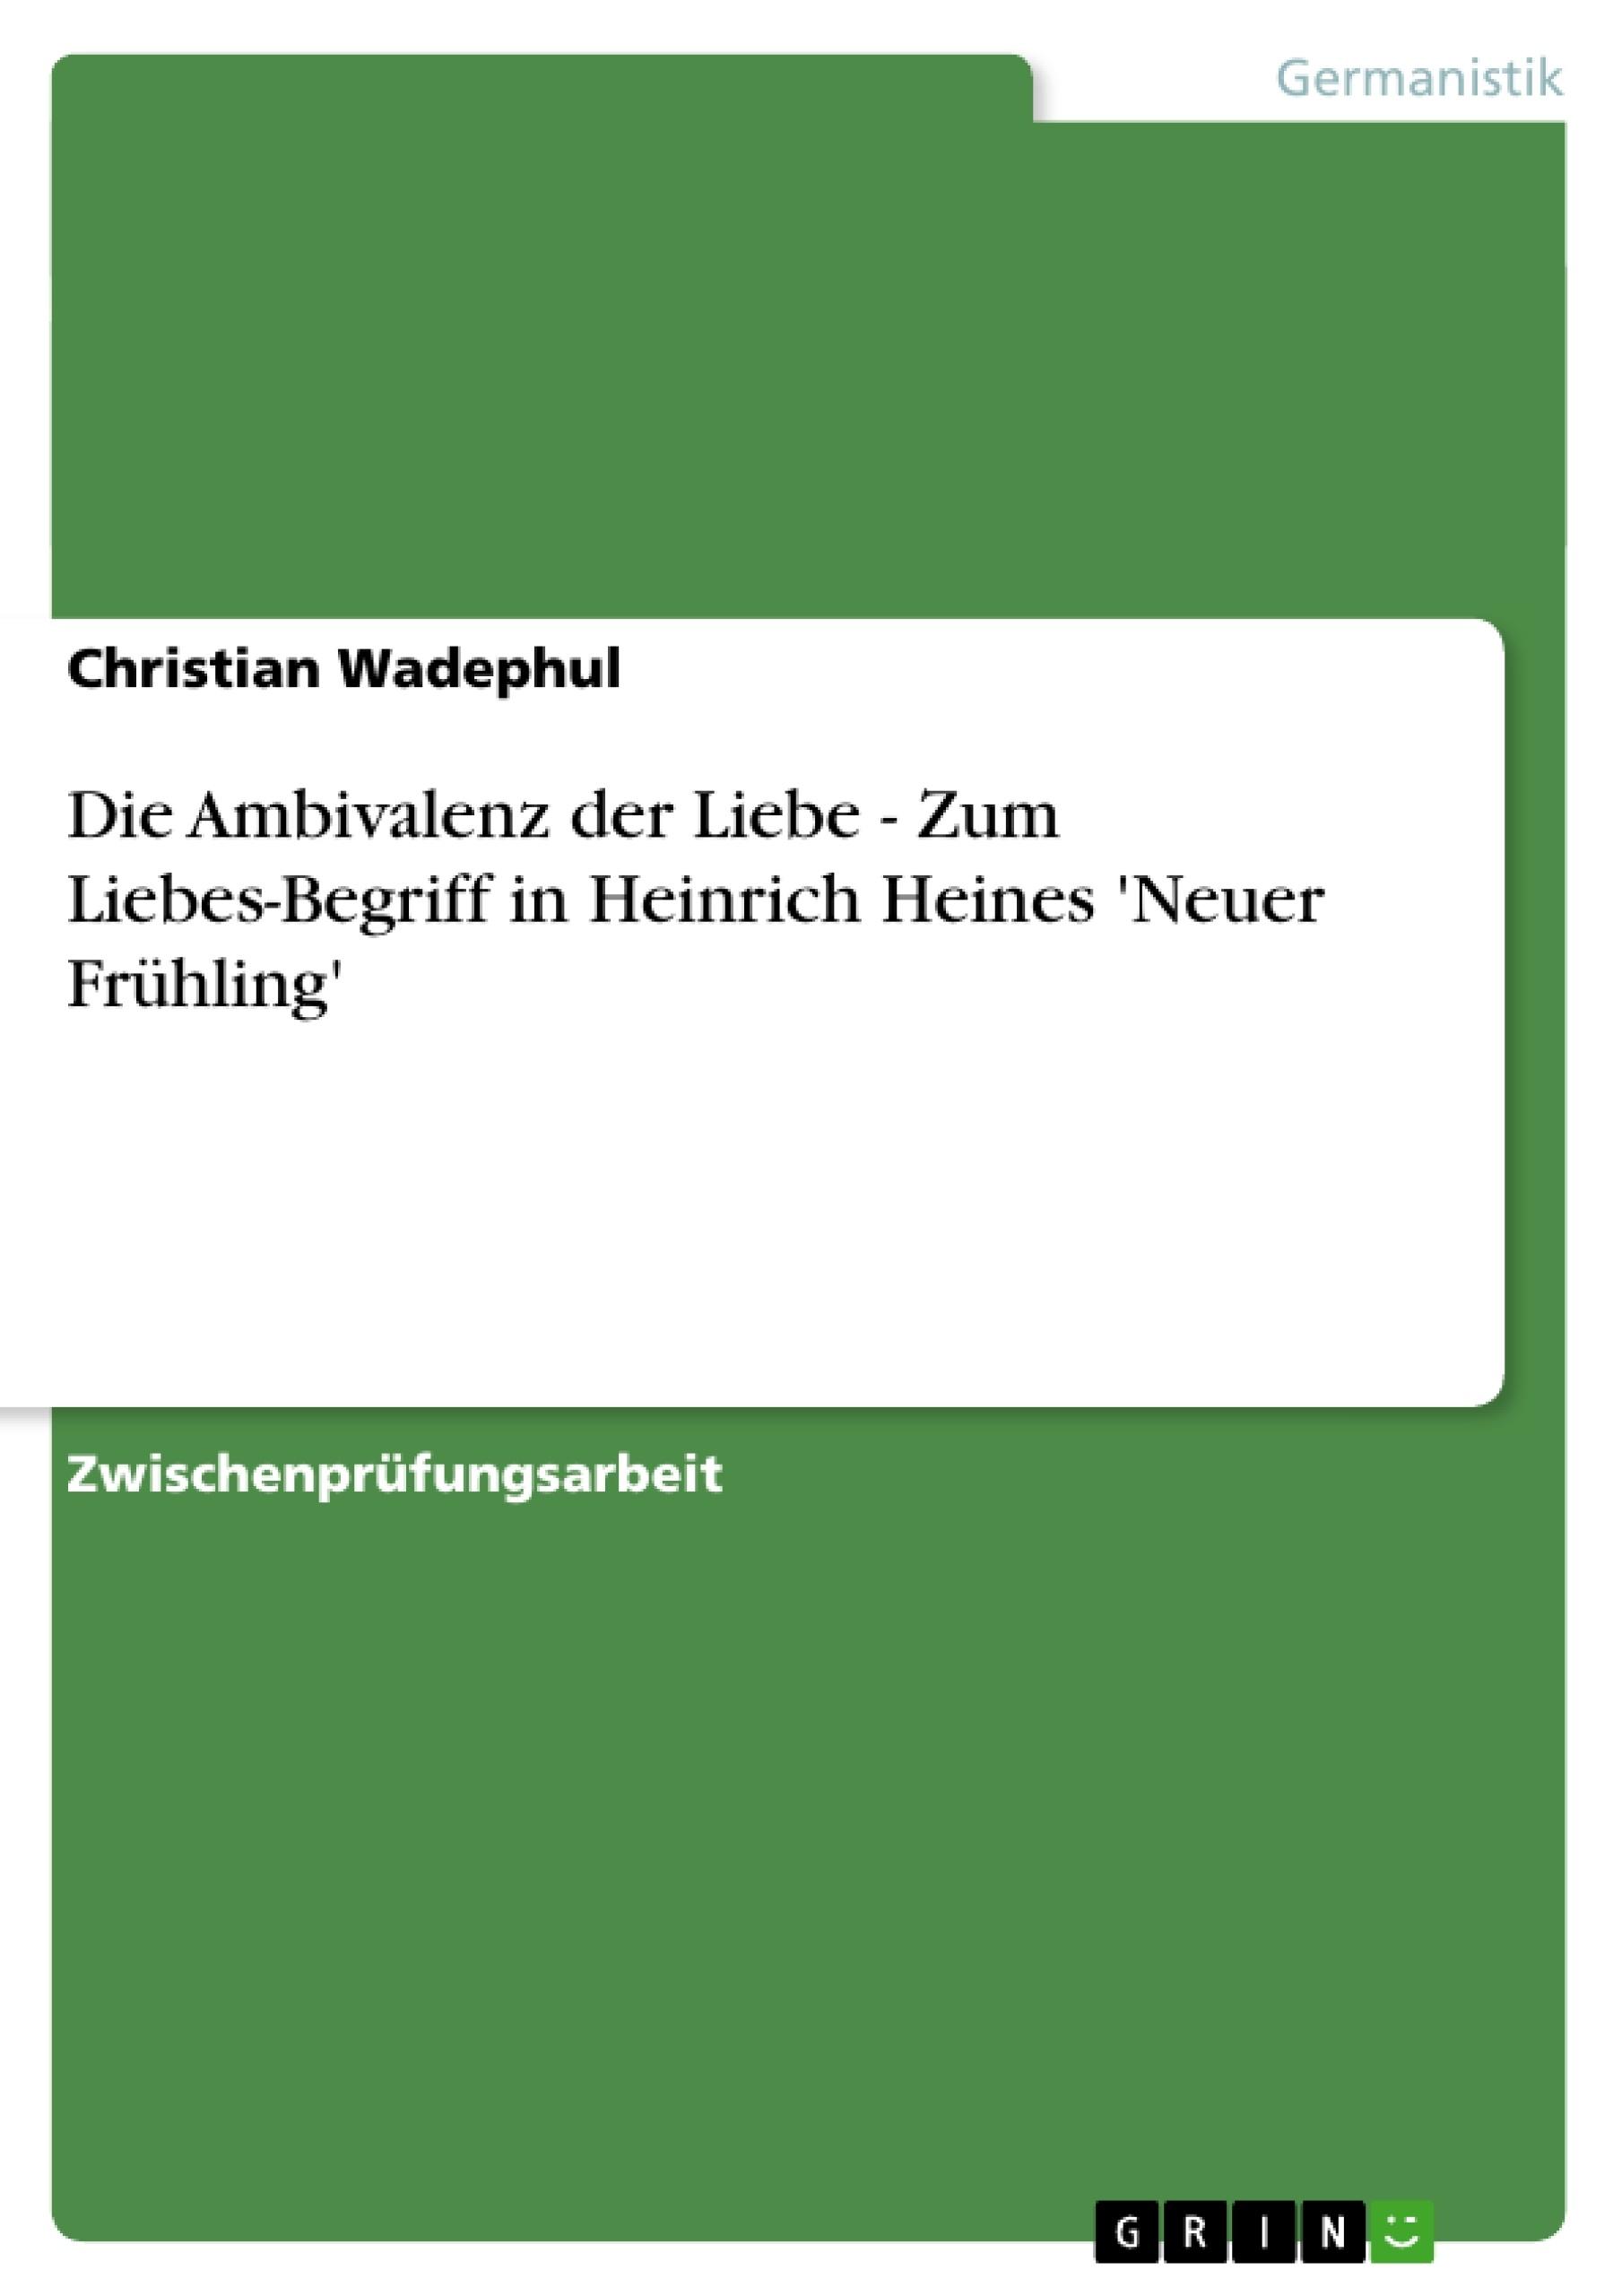 Grin Die Ambivalenz Der Liebe Zum Liebes Begriff In Heinrich Heines Neuer Frühling